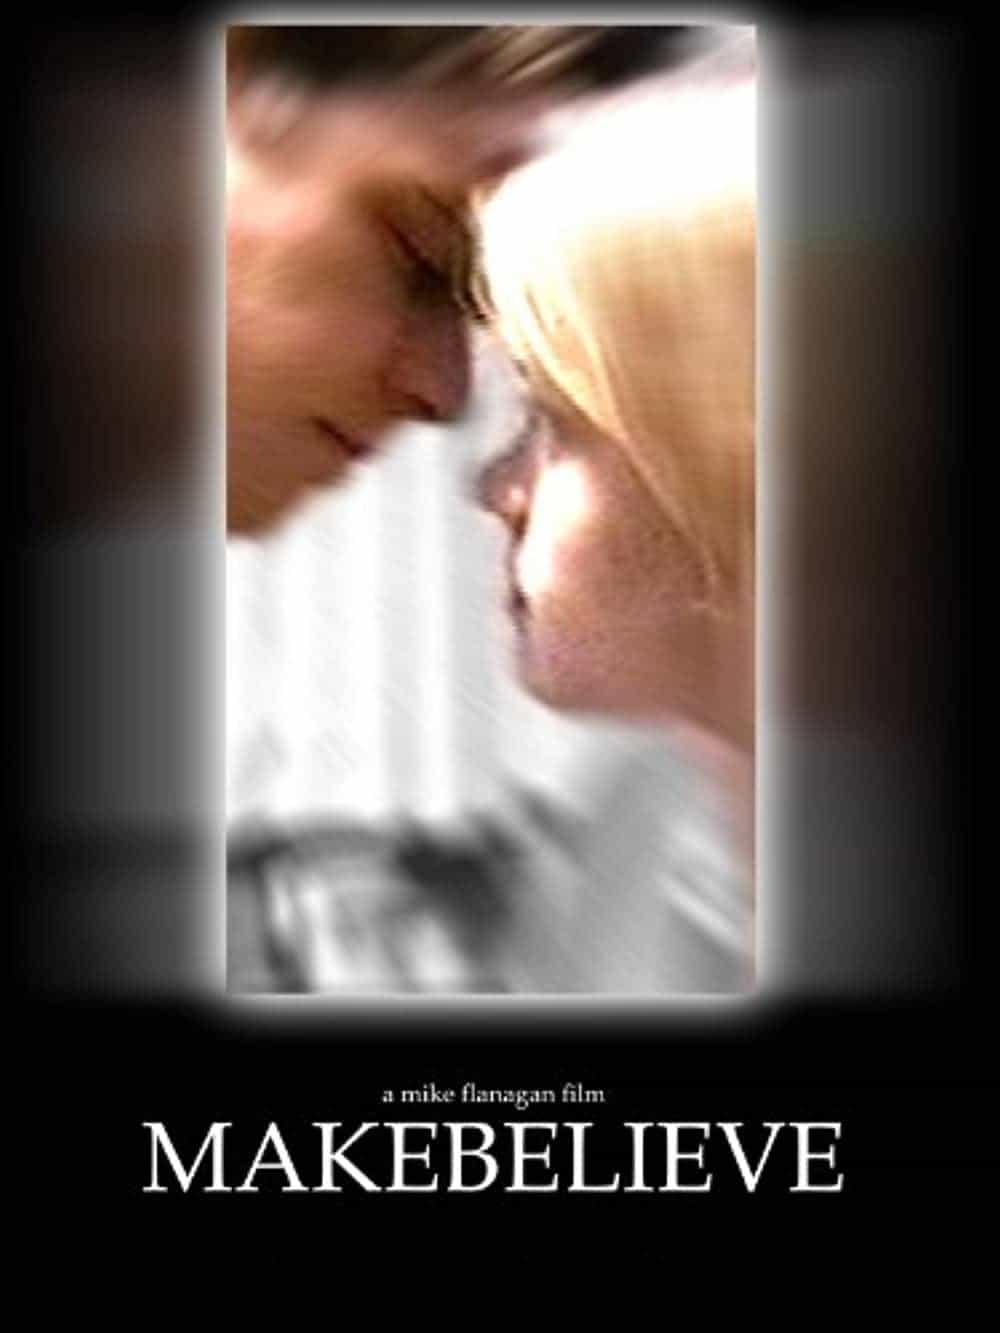 Makebelieve